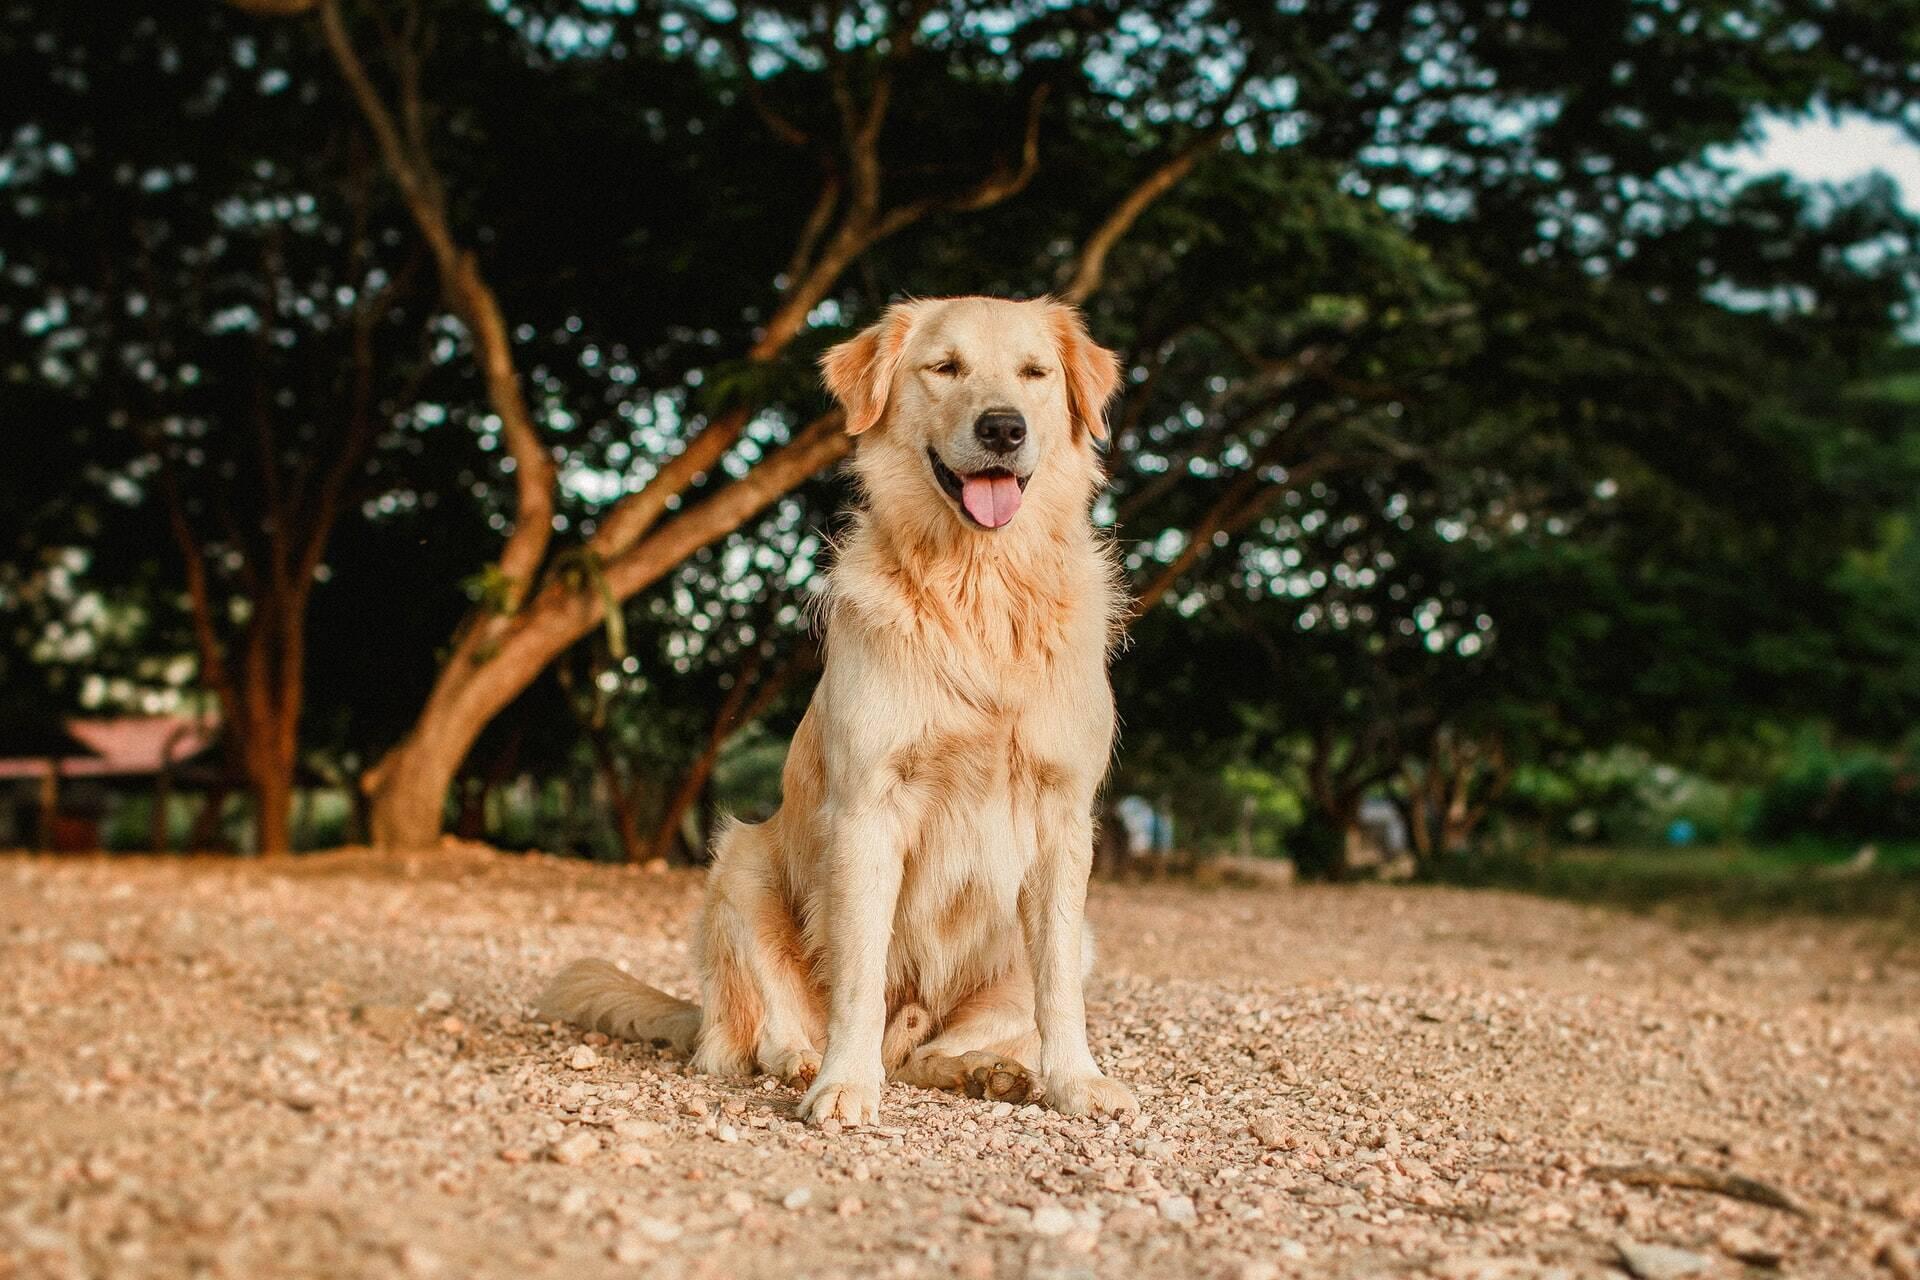 Deixado em hotel, cão foge e caminha 100 km para voltar aos donos